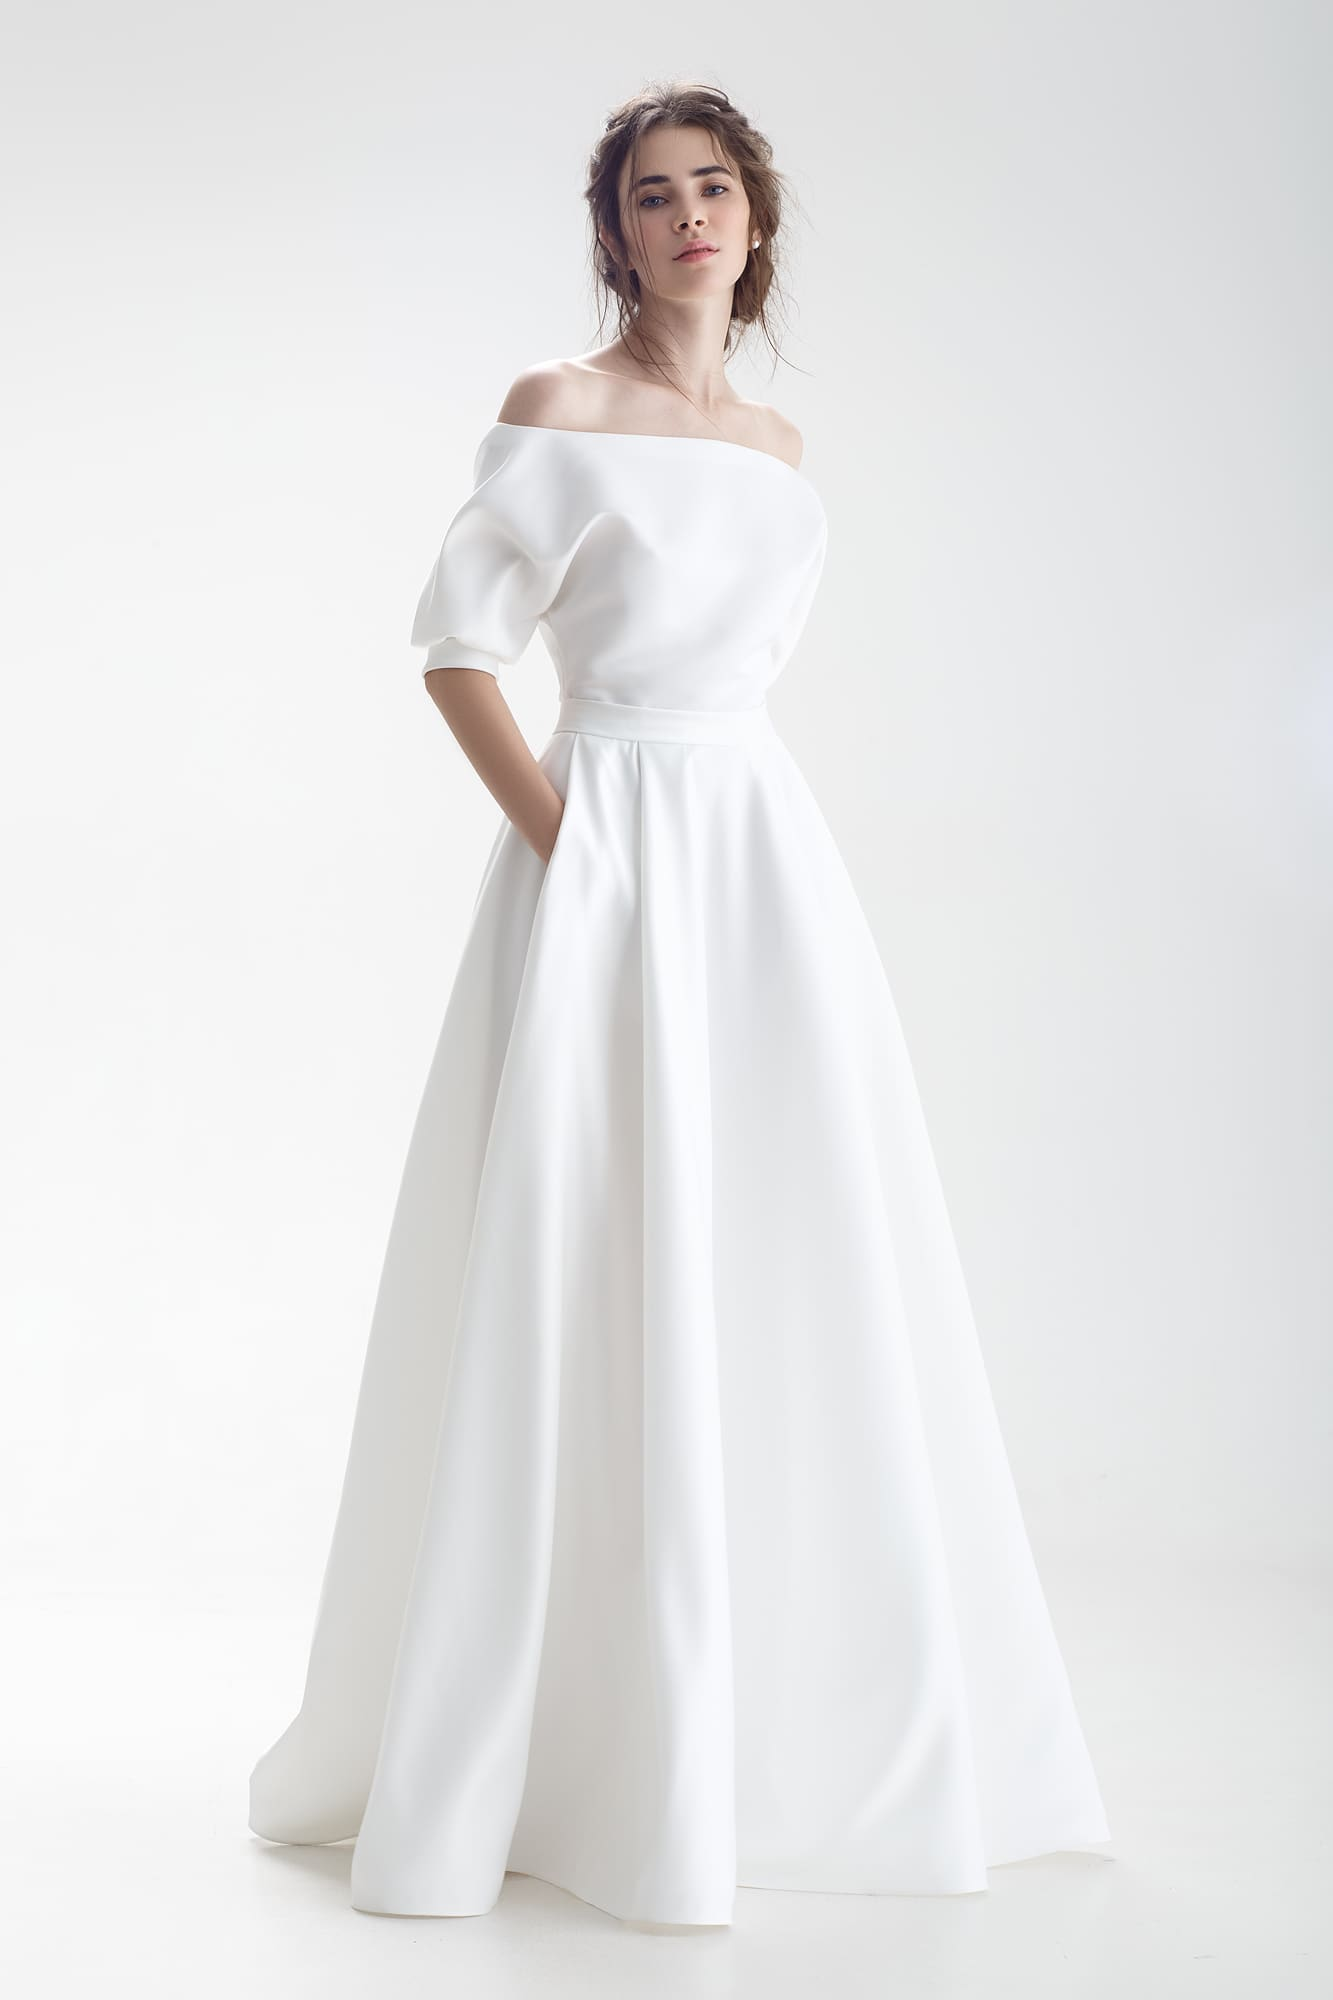 5a09f0fb8b2 Стильное свадебное платье с портретным вырезом и скрытыми карманами.